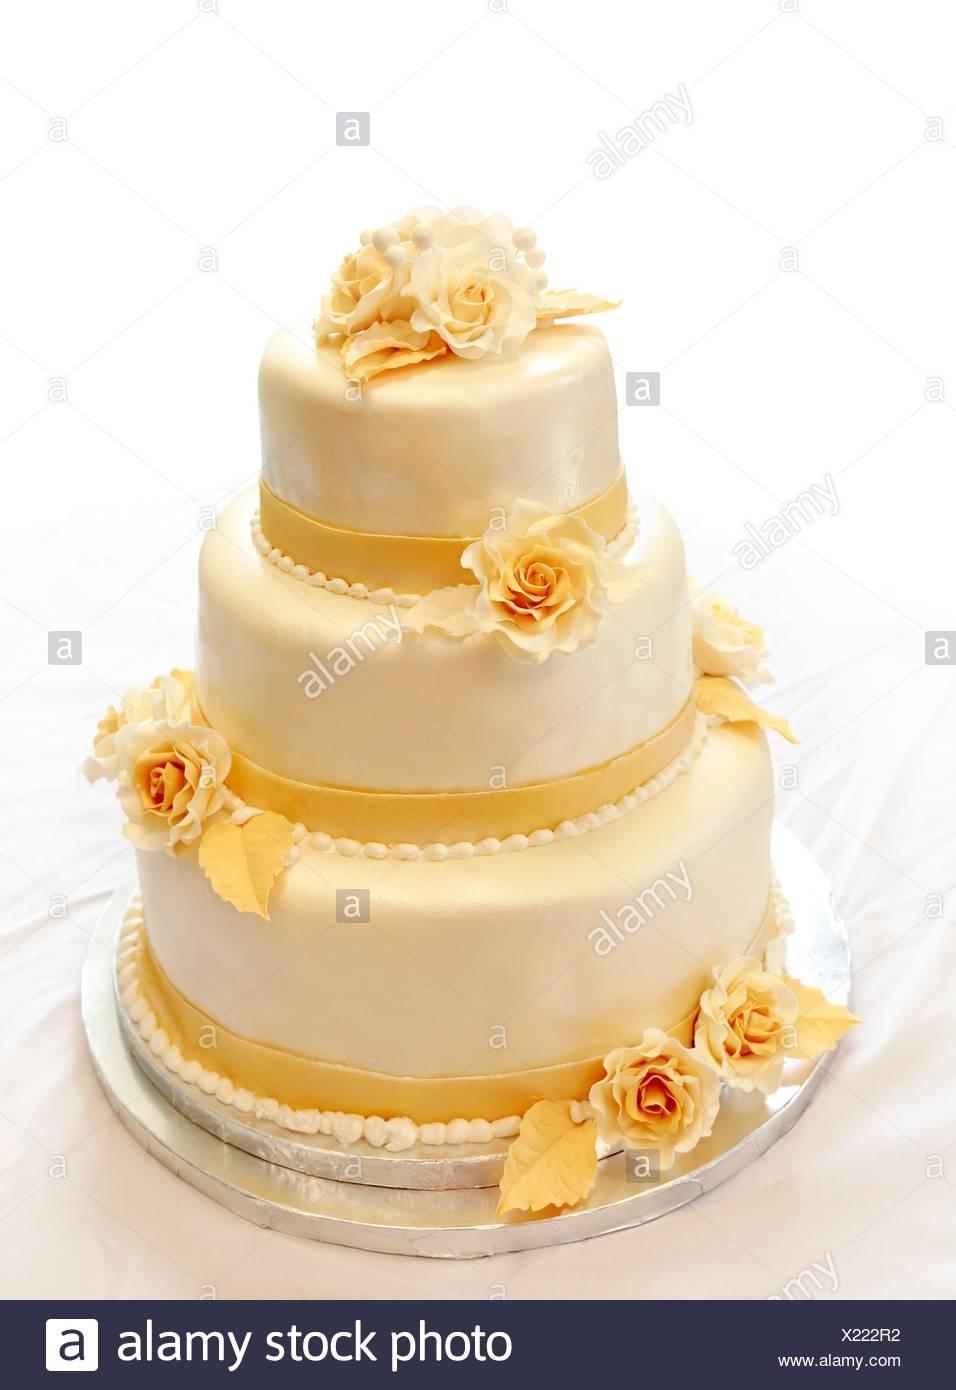 Hochzeitstorte Auf Weiss Nicht Isoliert Hintergrund 3 Tiers In